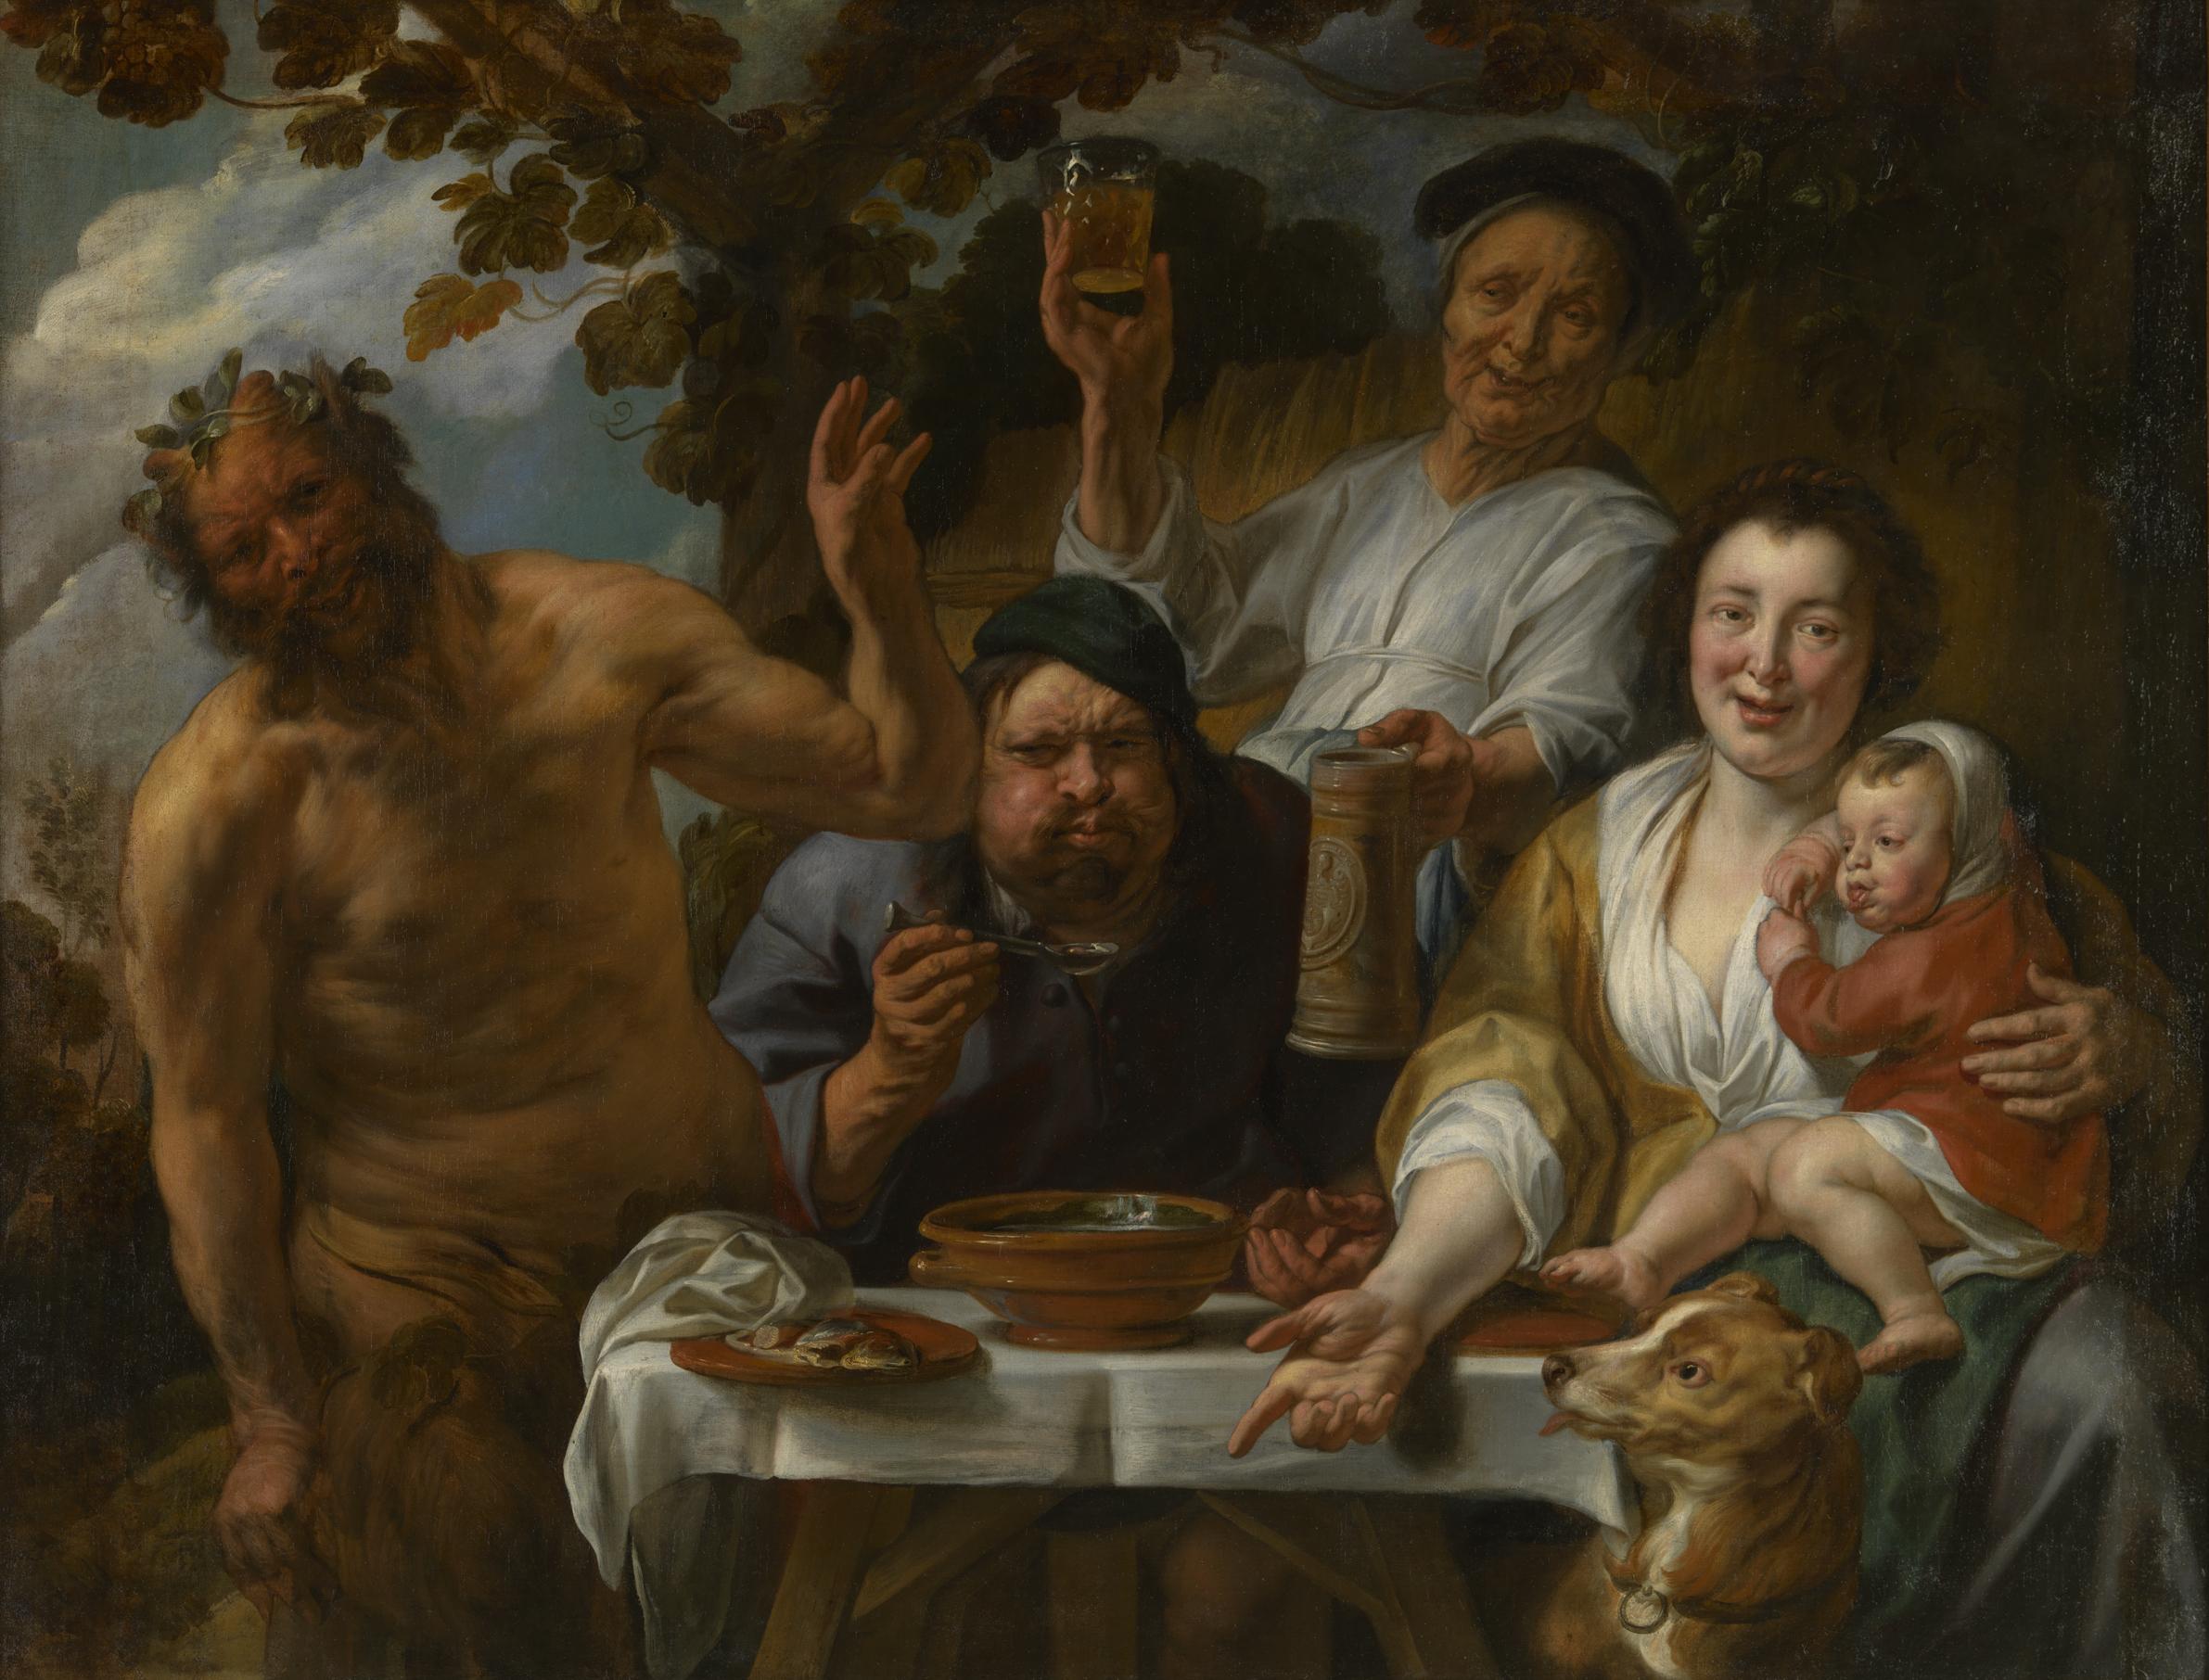 Jacob Jordaens (1593-1678), Satyr and Peasant, ca. 1640-45, Royal Museums of Fine Arts of Belgium, BrusselsPhoto: J. Geleyns / www.roscan.be / © KMSKB – MRBAB